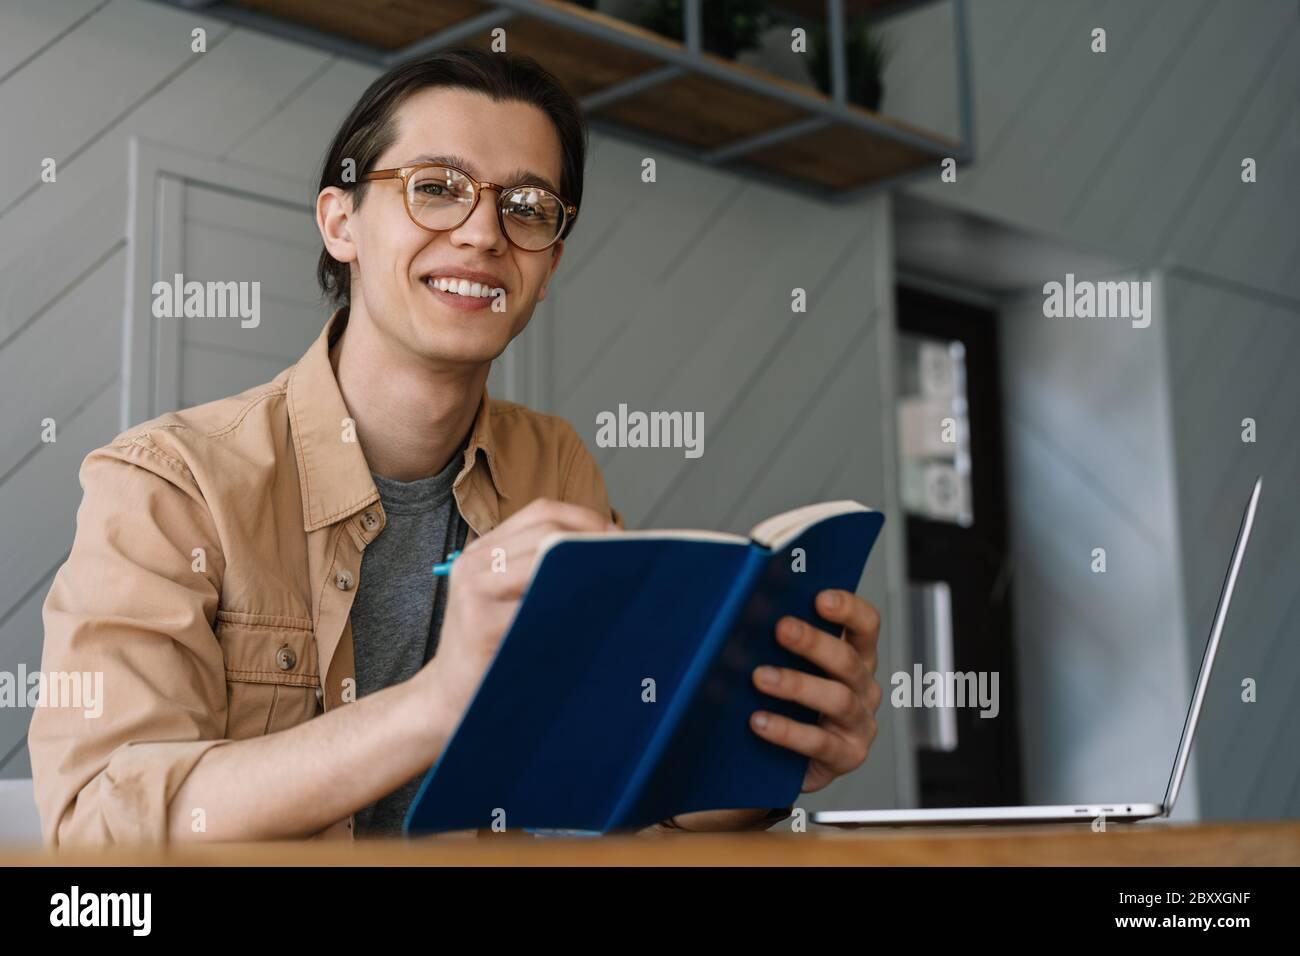 Student studieren, Fernstudium. Lächelnder Hipster Mann Notizen in Notebook, Arbeit freiberuflich Projekt von zu Hause Stockfoto